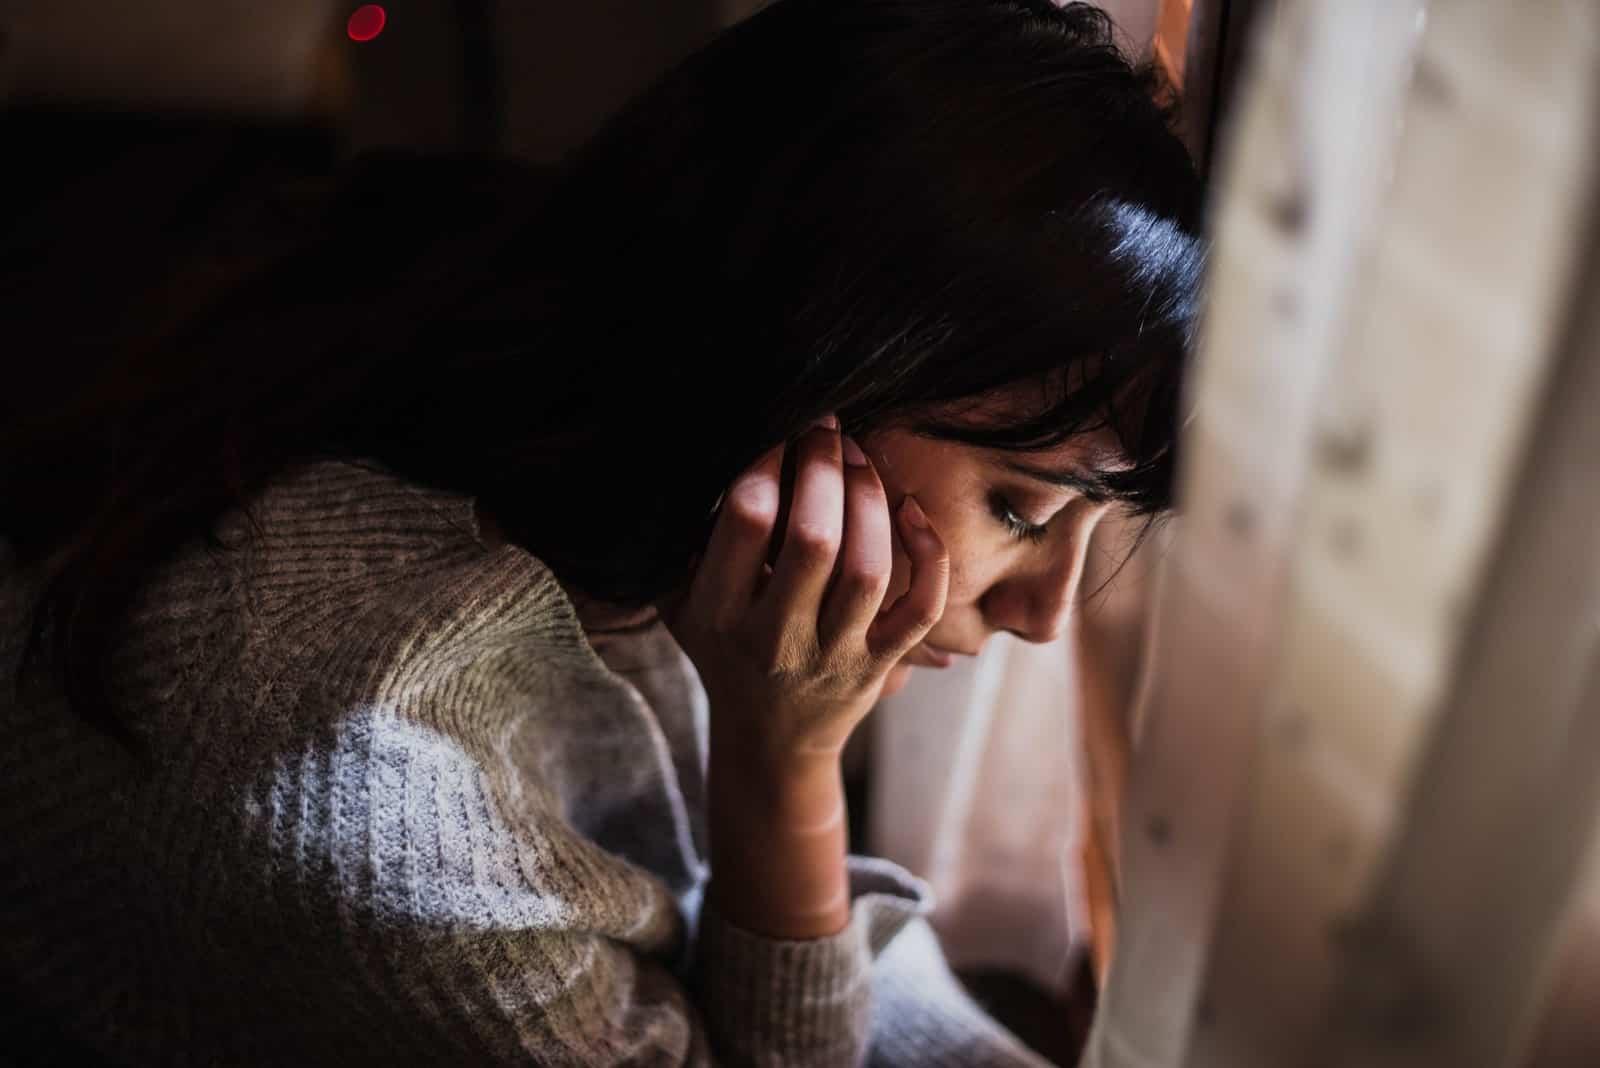 nachdenkliche traurige Frau, die am Fenster sitzt